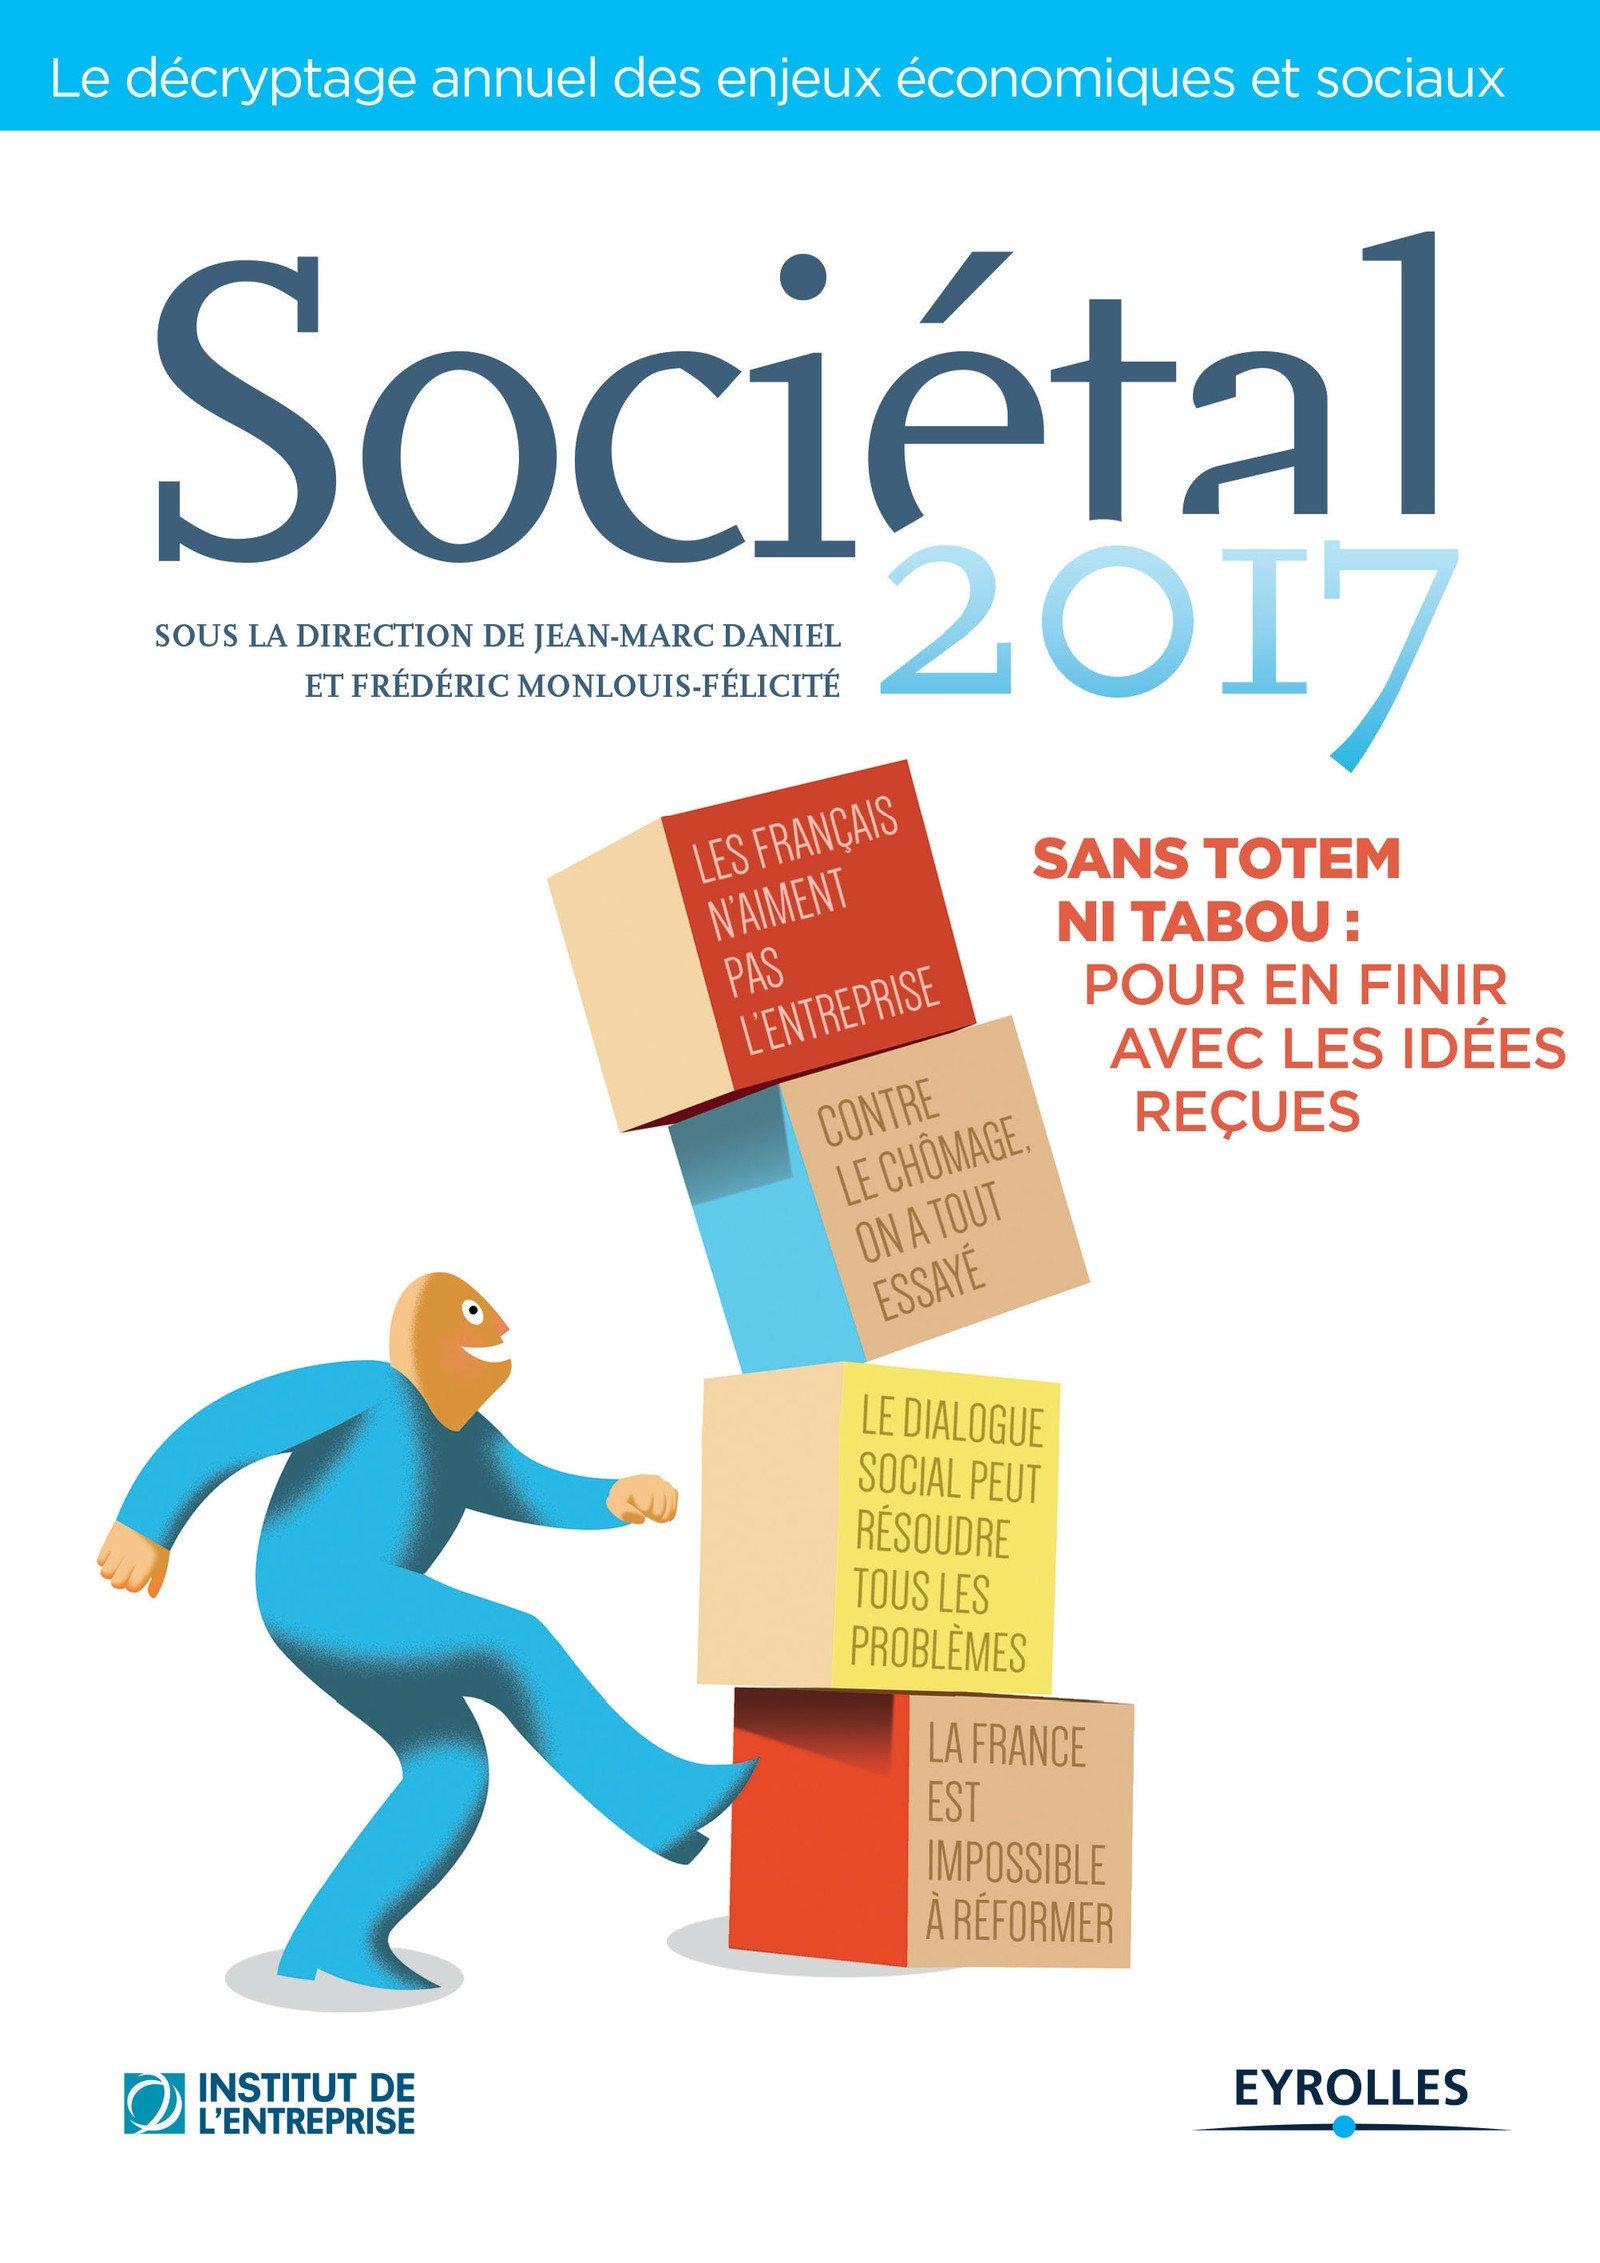 Sociétal 2017 -Sans totem ni tabou- pour en finir avec les idées reçues